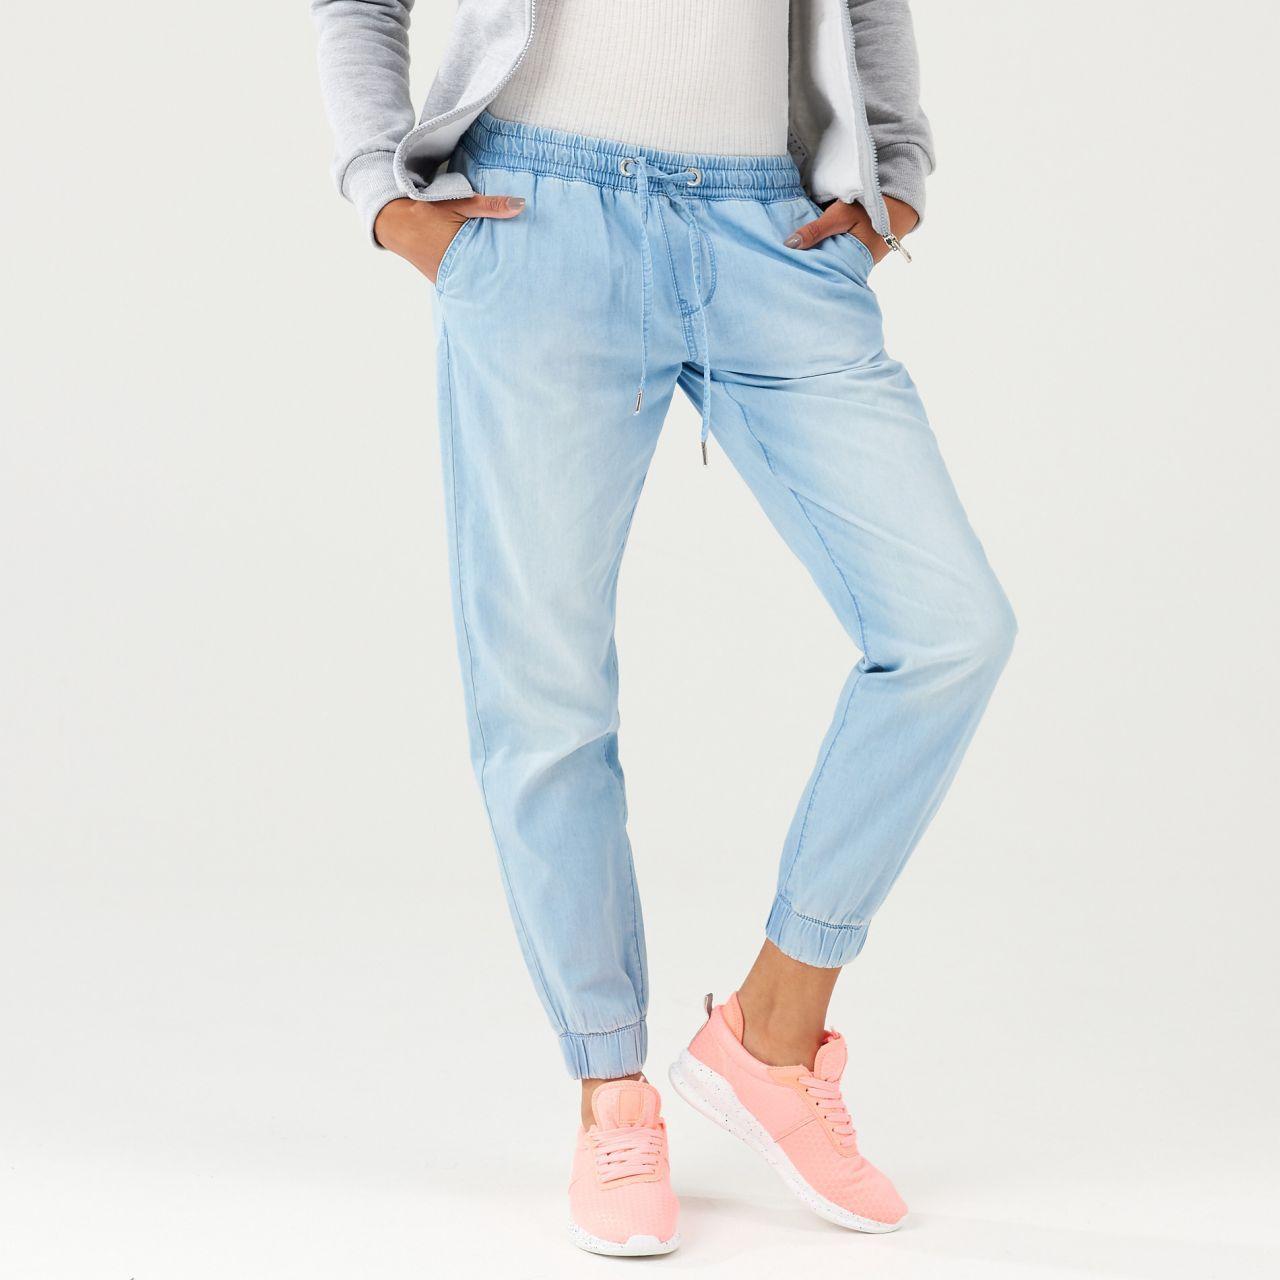 Spodnie Baggy Cropp Trousers Women Mom Jeans Levi Jeans